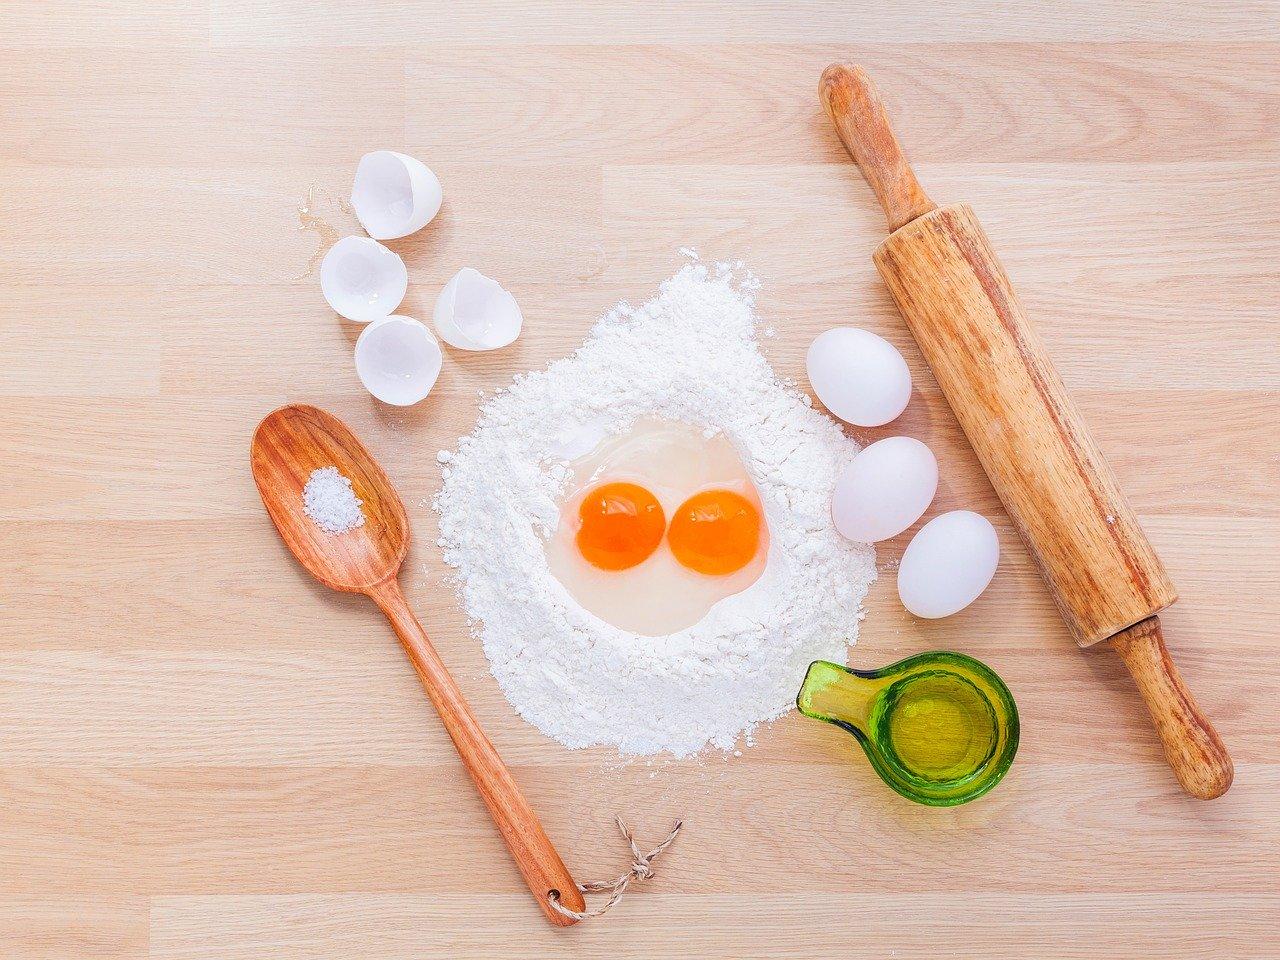 Топ съвети за начинаещи кулинари (мерни единици)